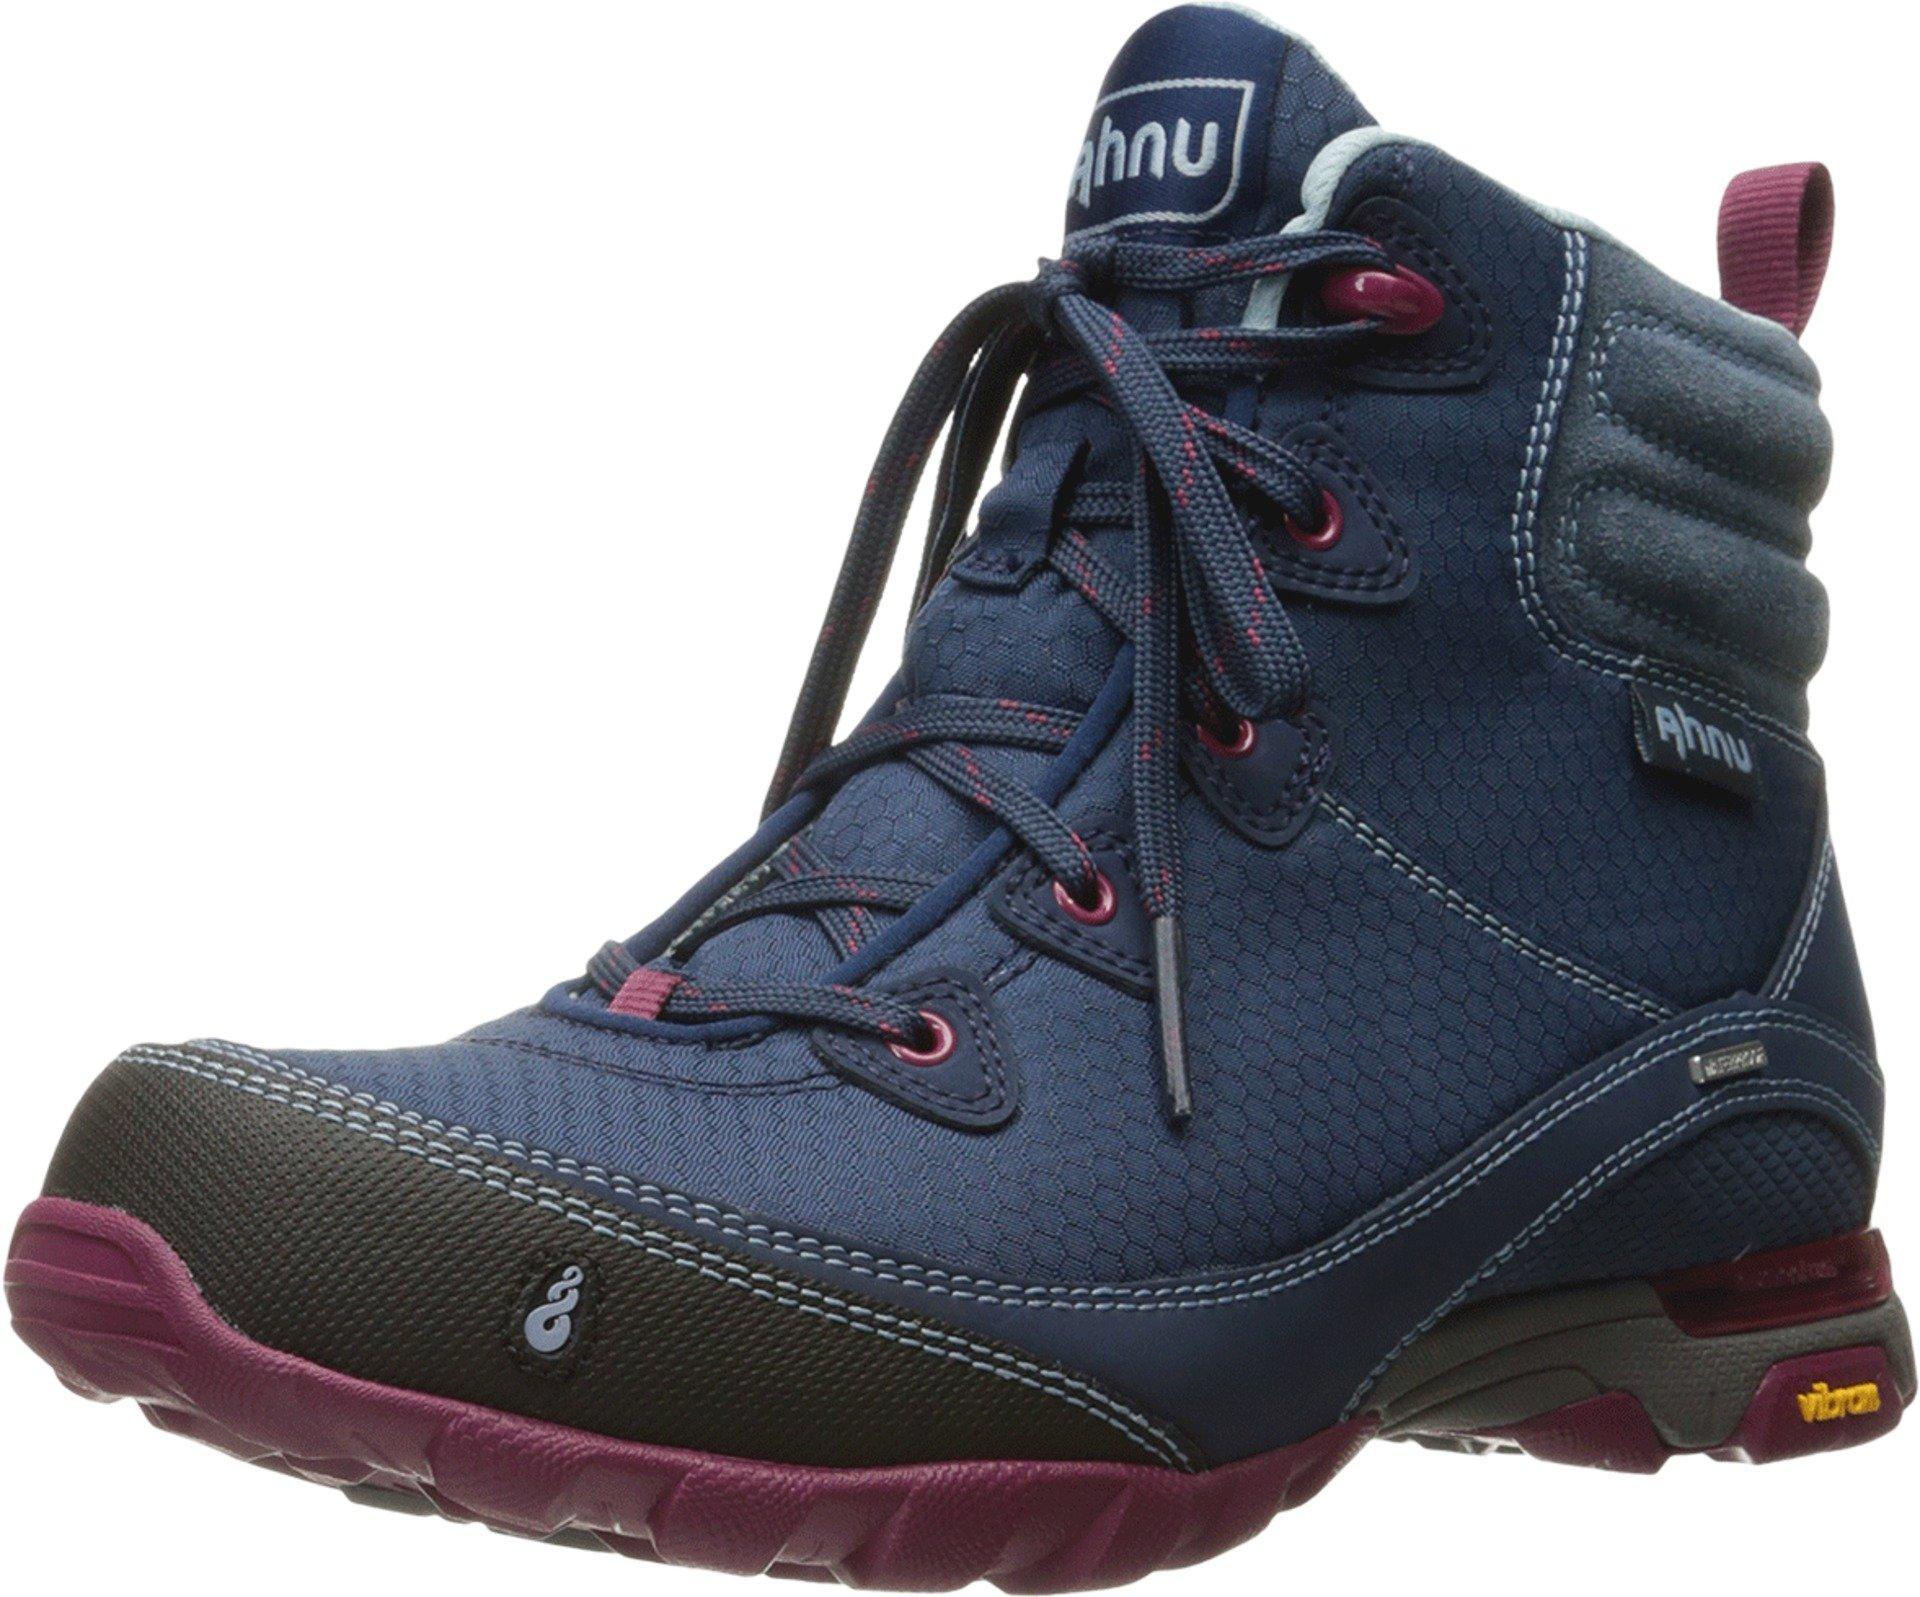 Ahnu Women's Sugarpine Waterproof Hiking Boot, Blue Spell, 11 M US